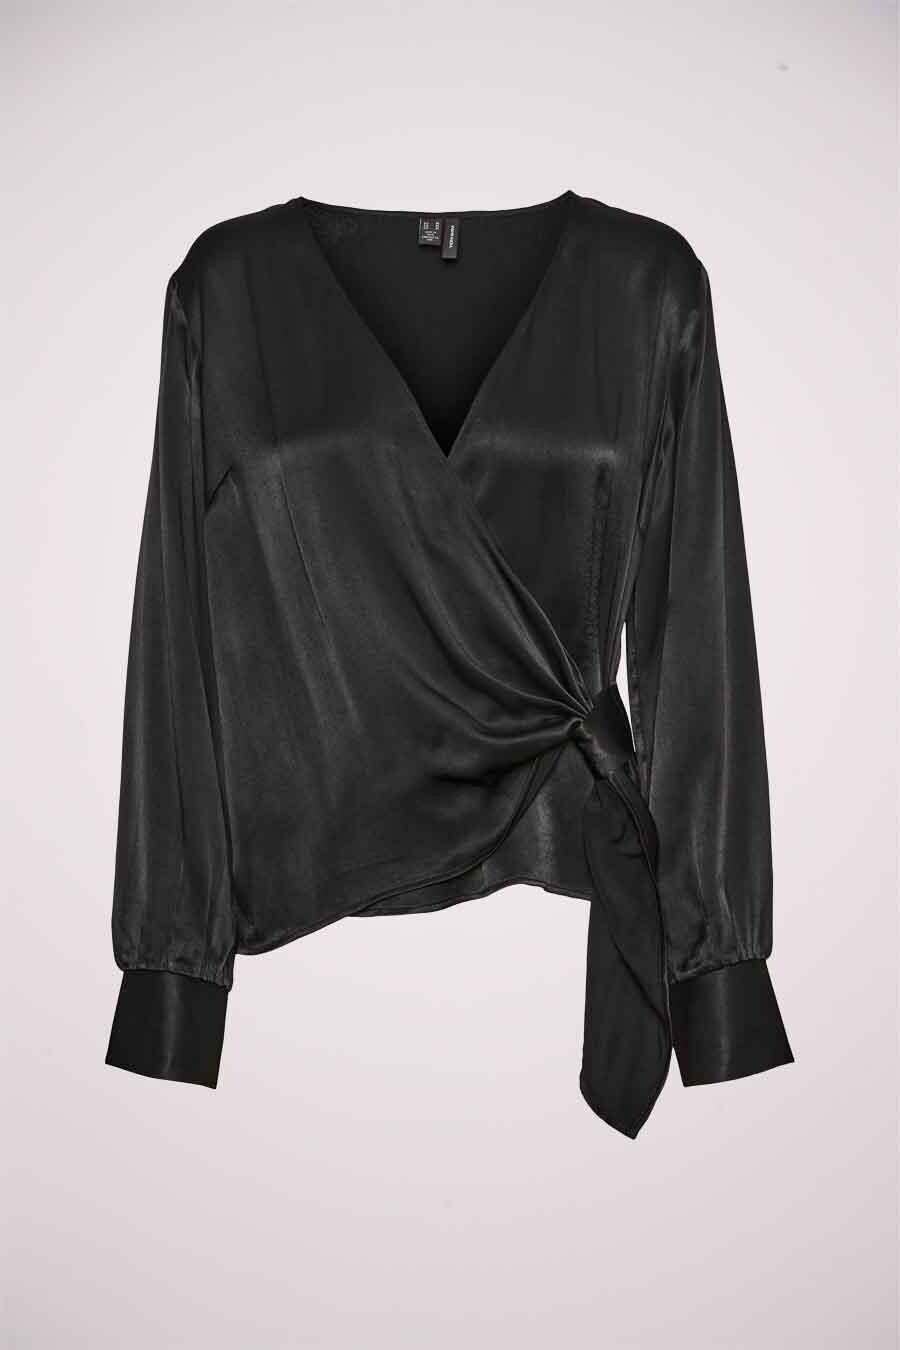 Vero Moda® Blouse lange mouwen, Zwart, Dames, Maat: M/S